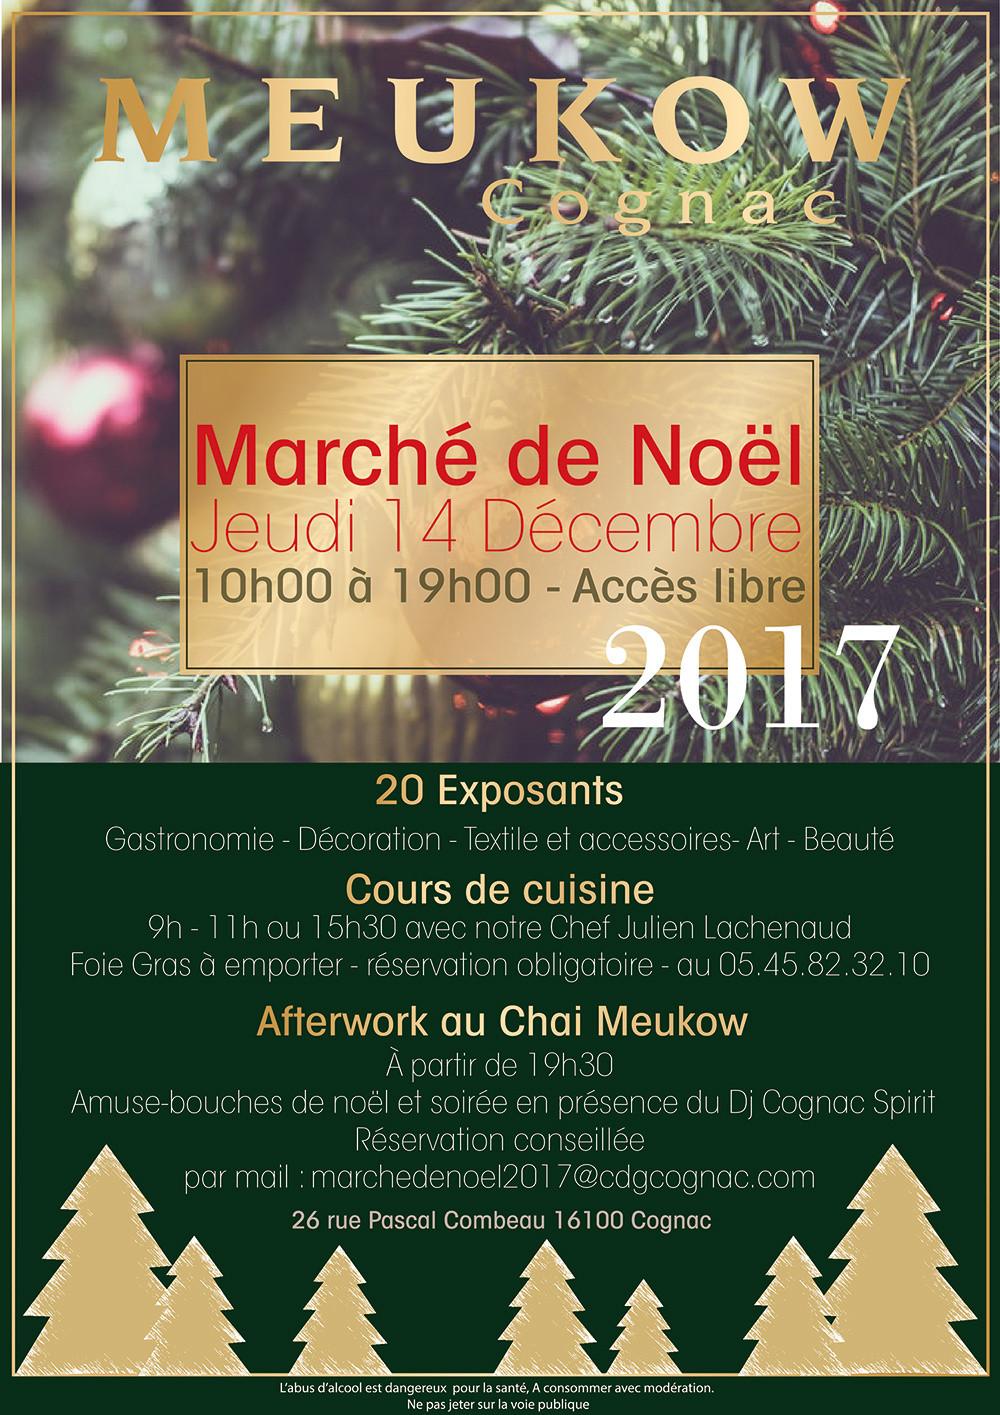 Marché de Noël Meukow Cognac